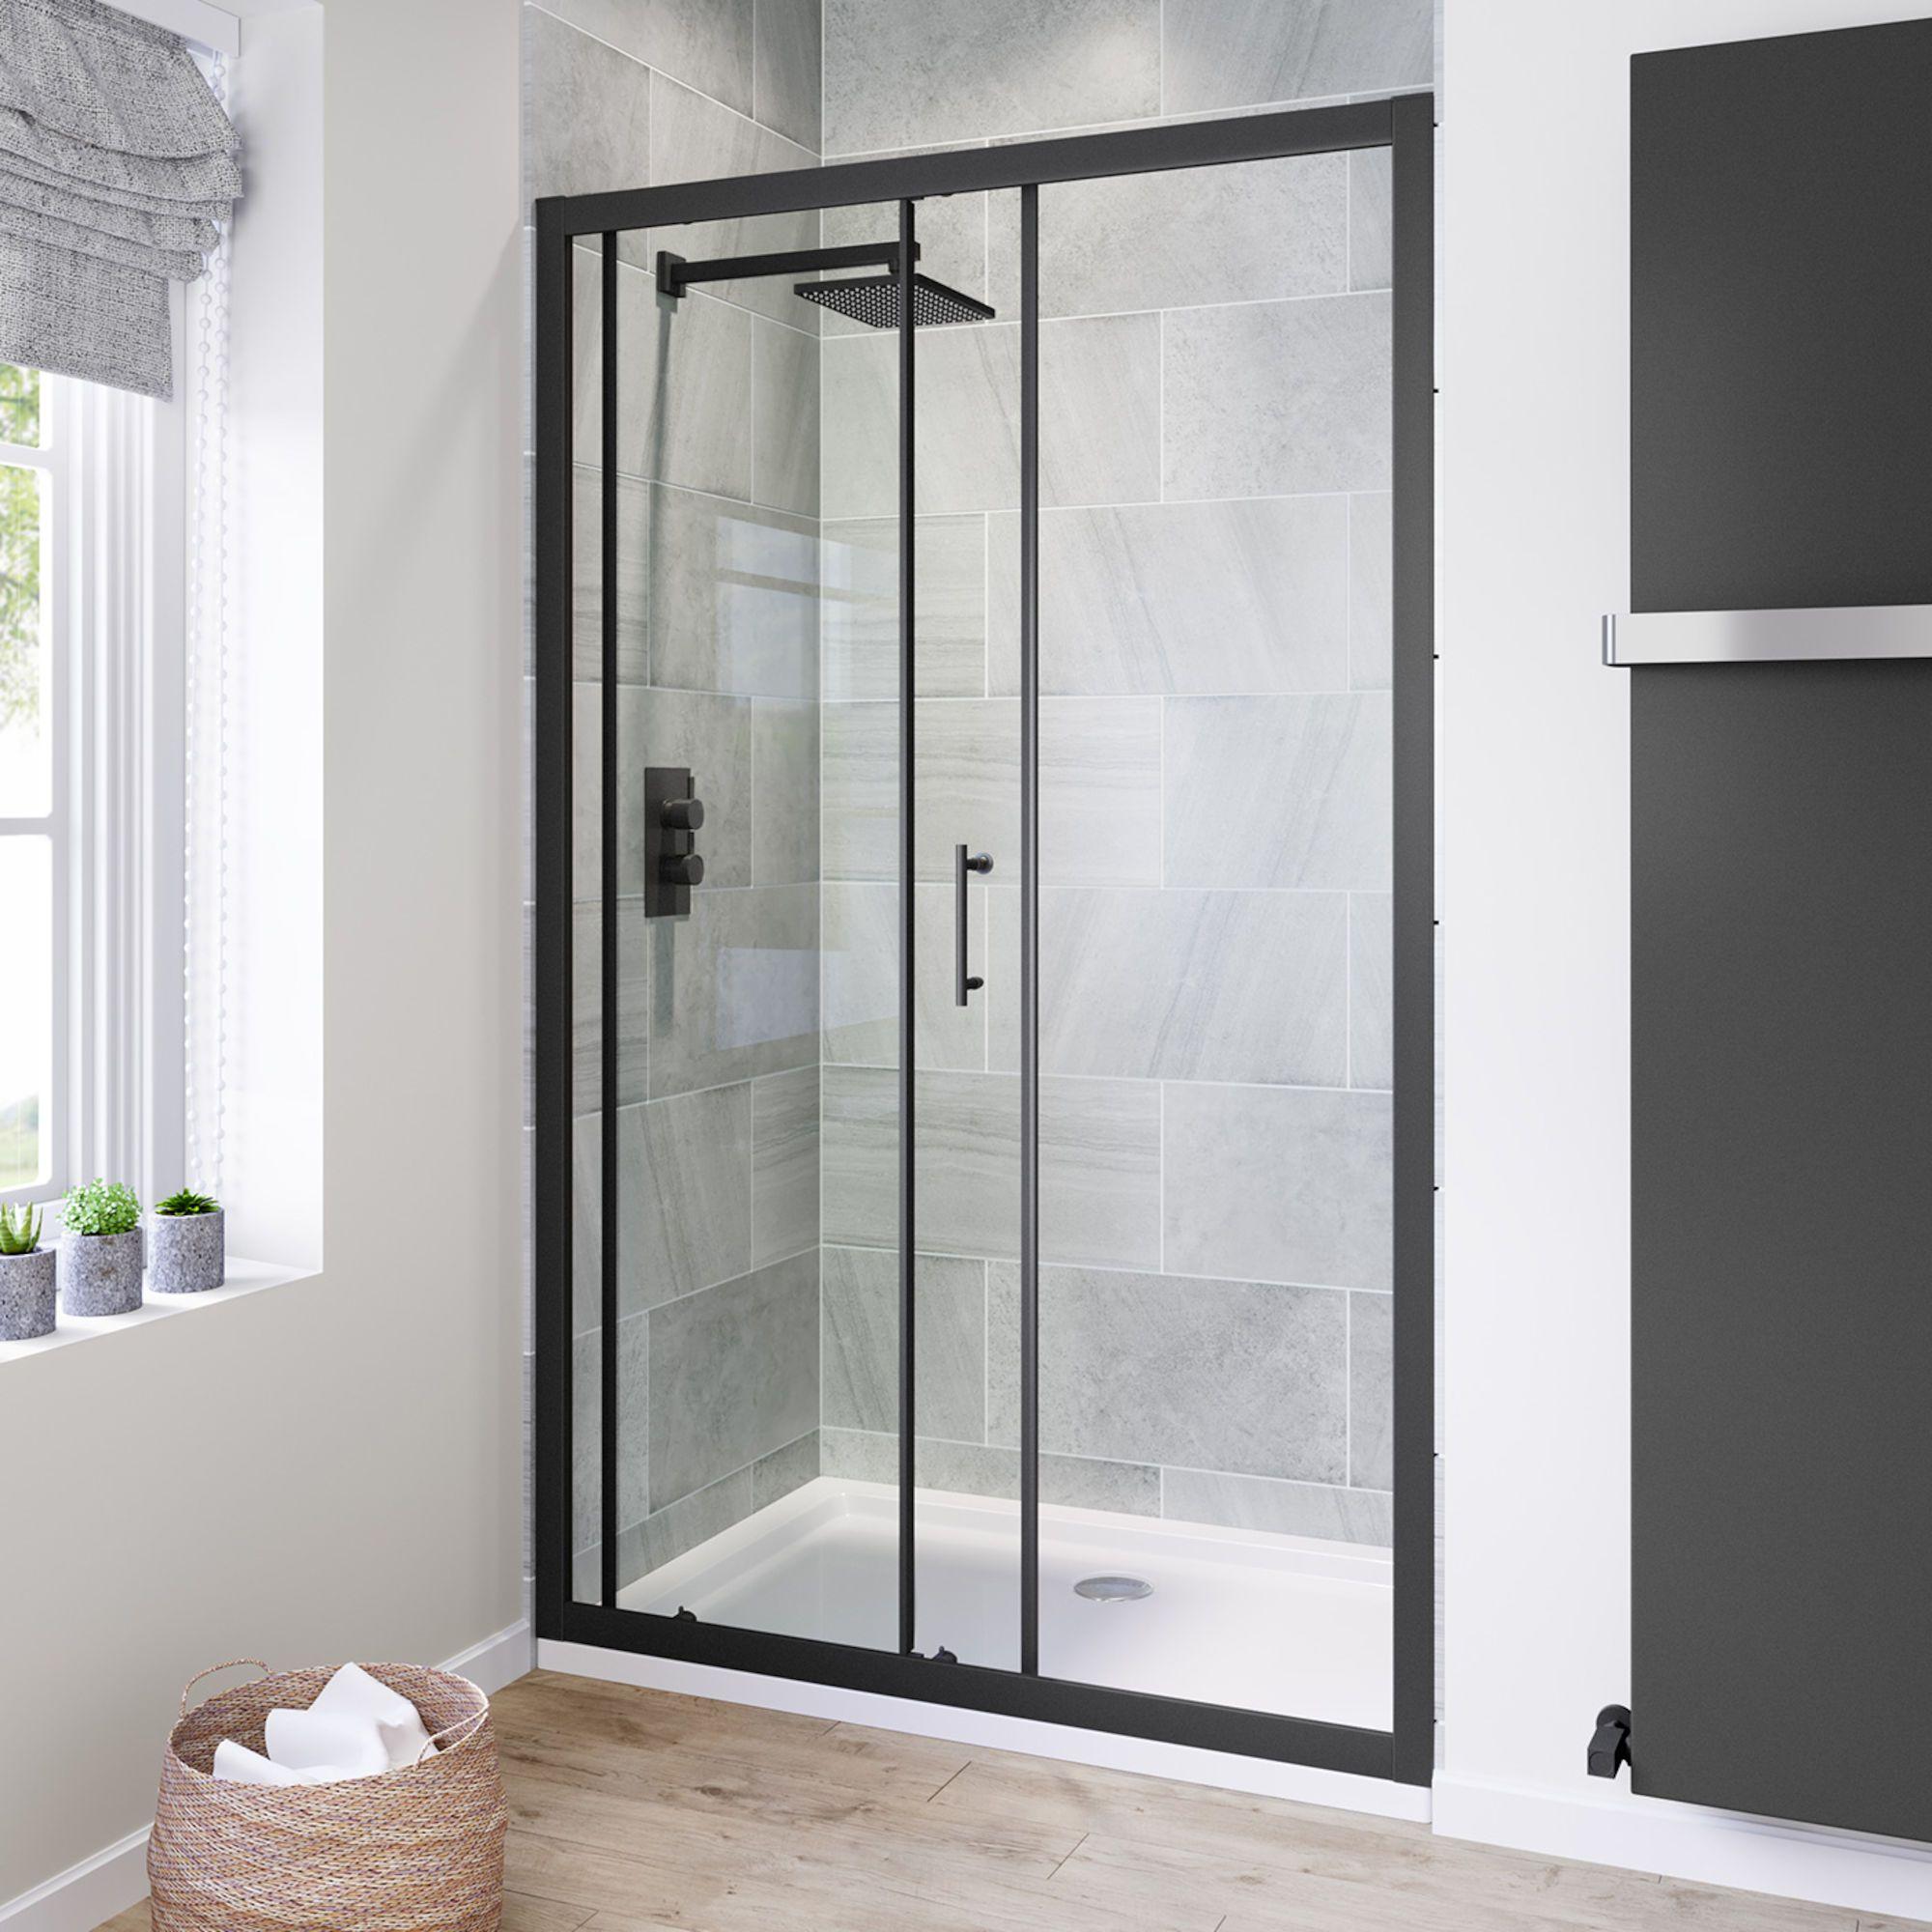 1200mm 6mm Black Frame Sliding Shower Door Soak Com Shower Doors Black Shower Doors Framed Shower Enclosures